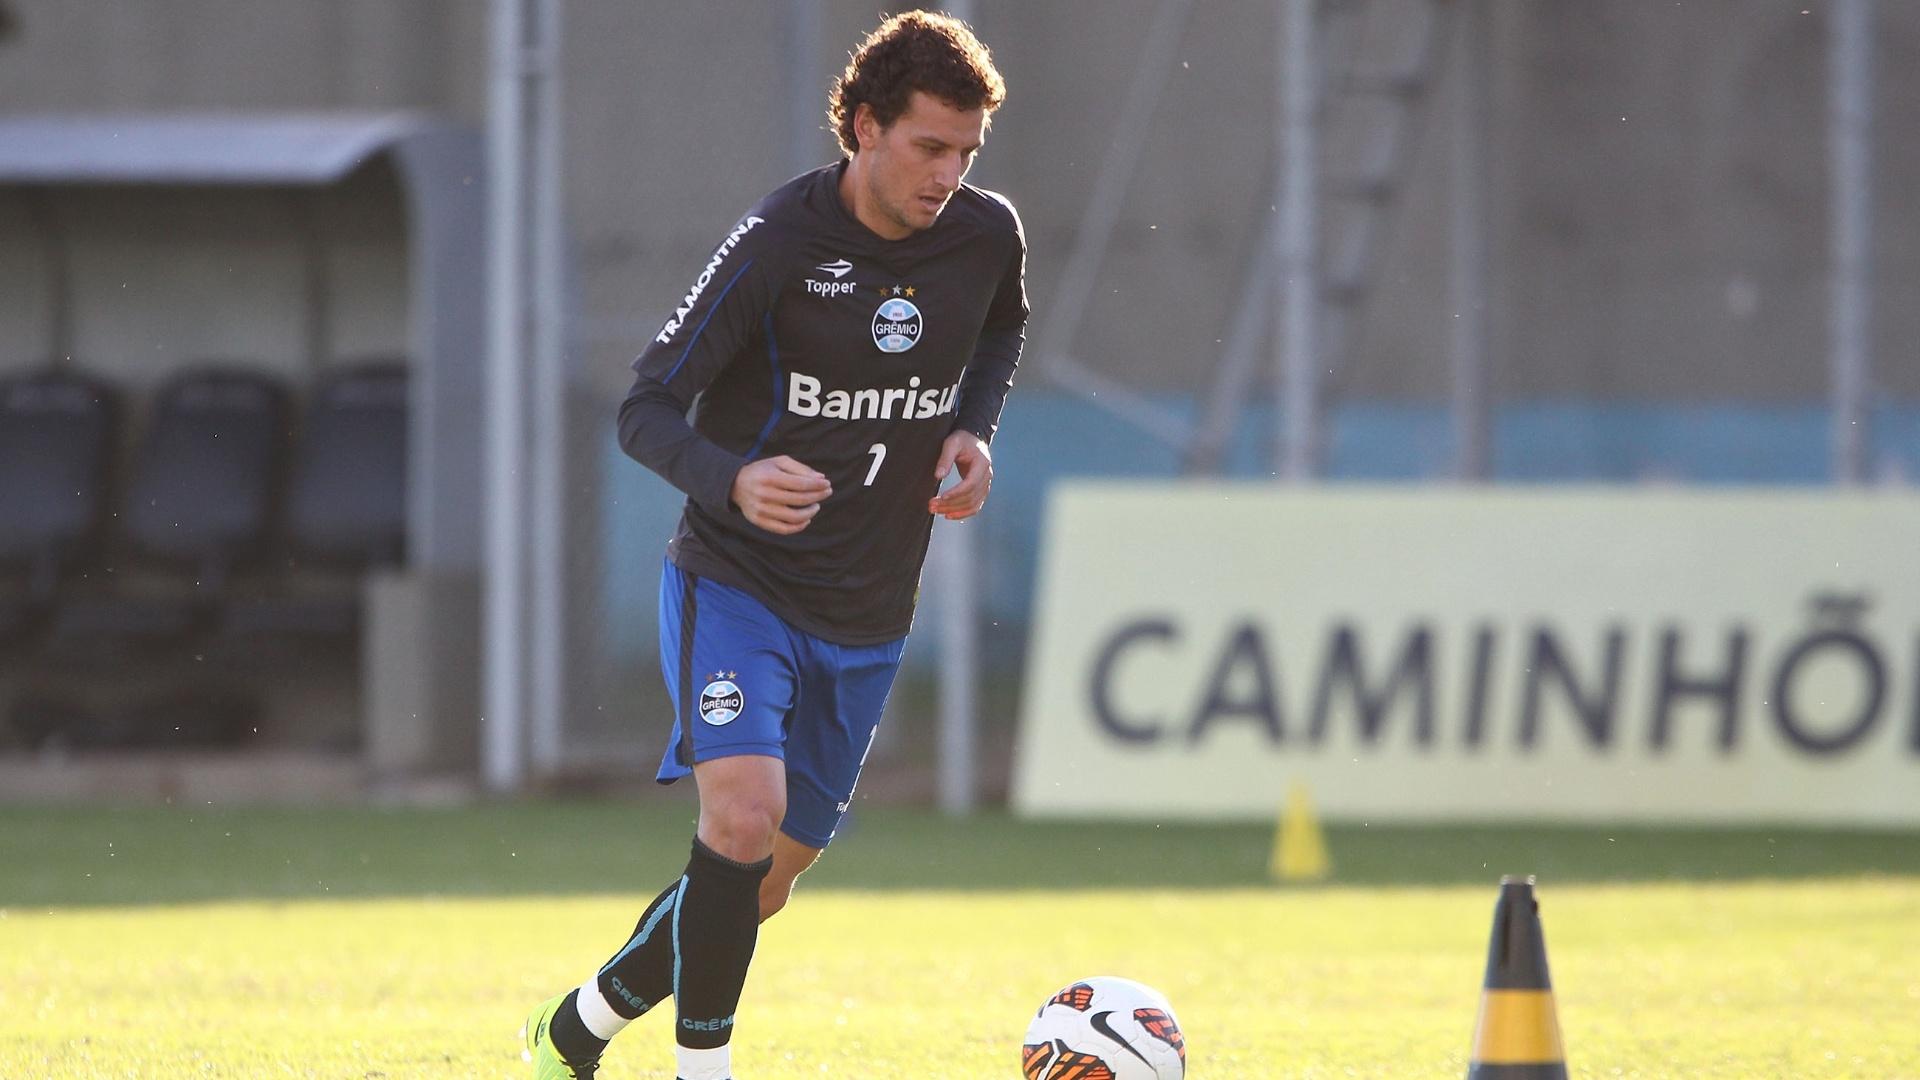 06.mai.2013 - Elano faz trabalho com bola durante treino físico do Grêmio nesta segunda-feira (06/05)